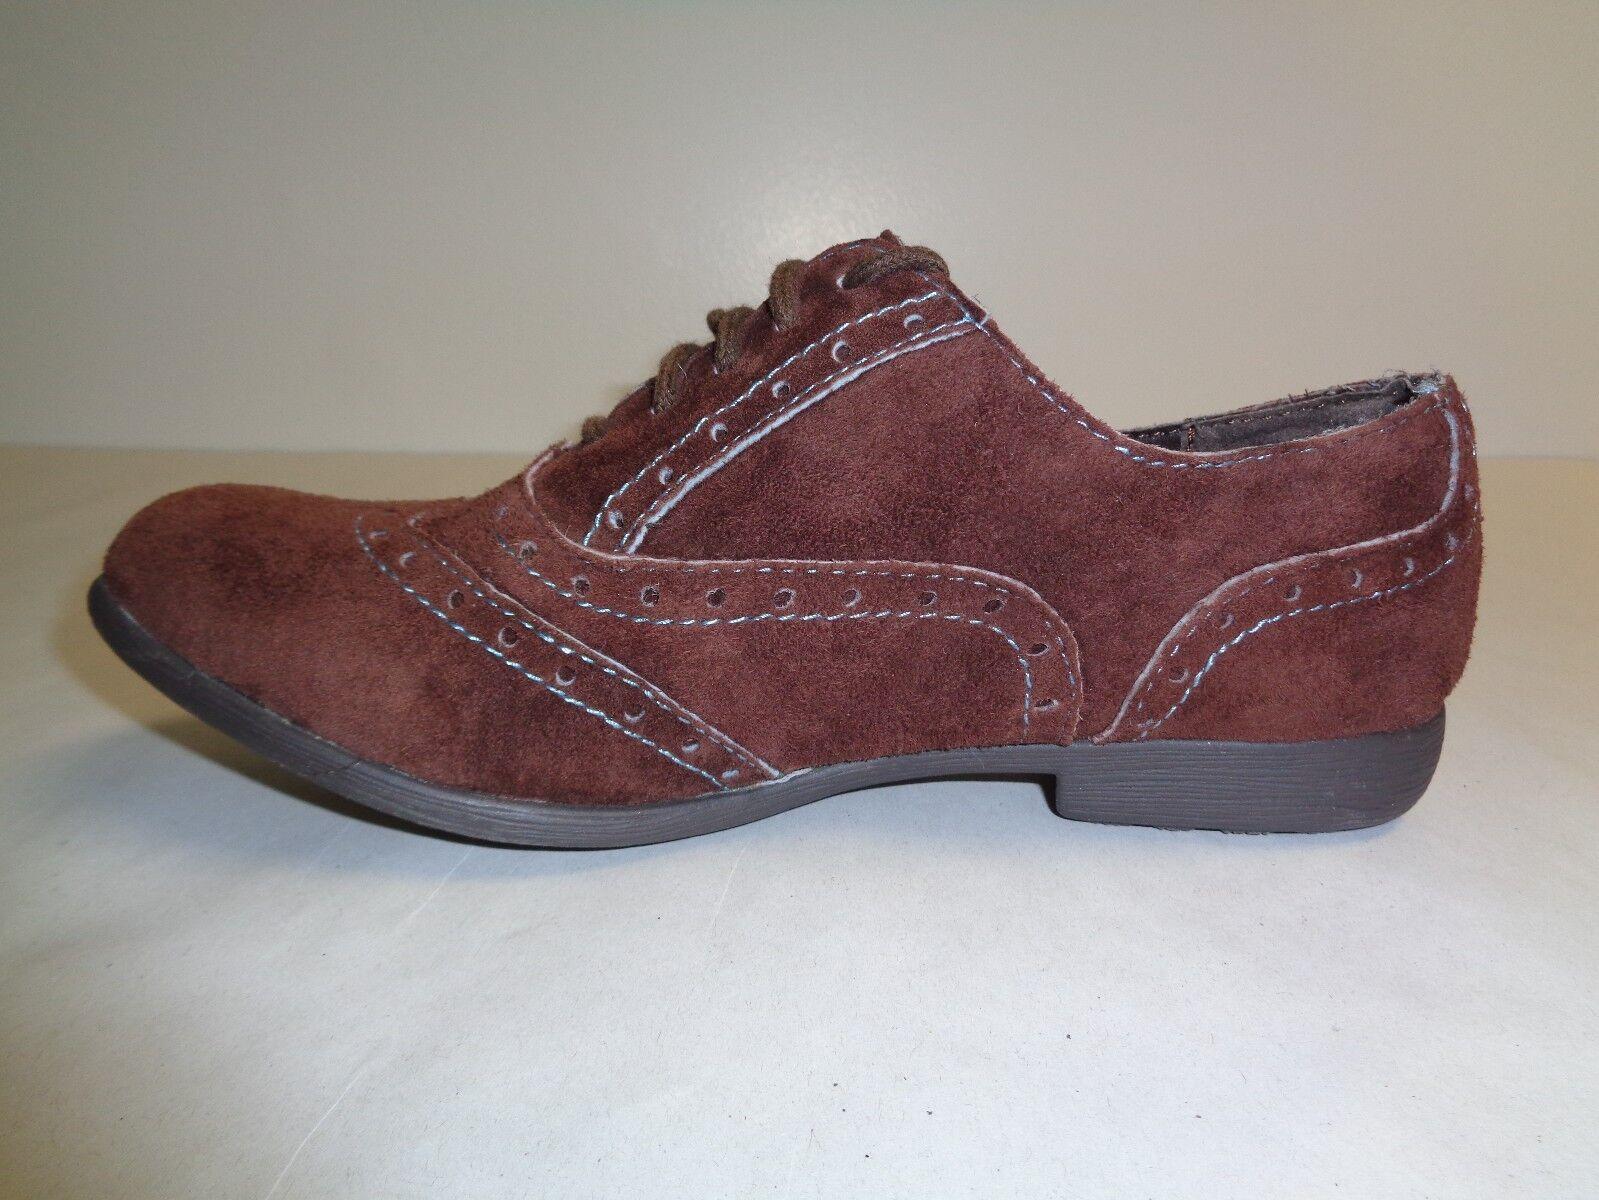 Born taille 6 m Suzette Espresso marron marron marron Suede Derbies pour femme chaussures e4ef81